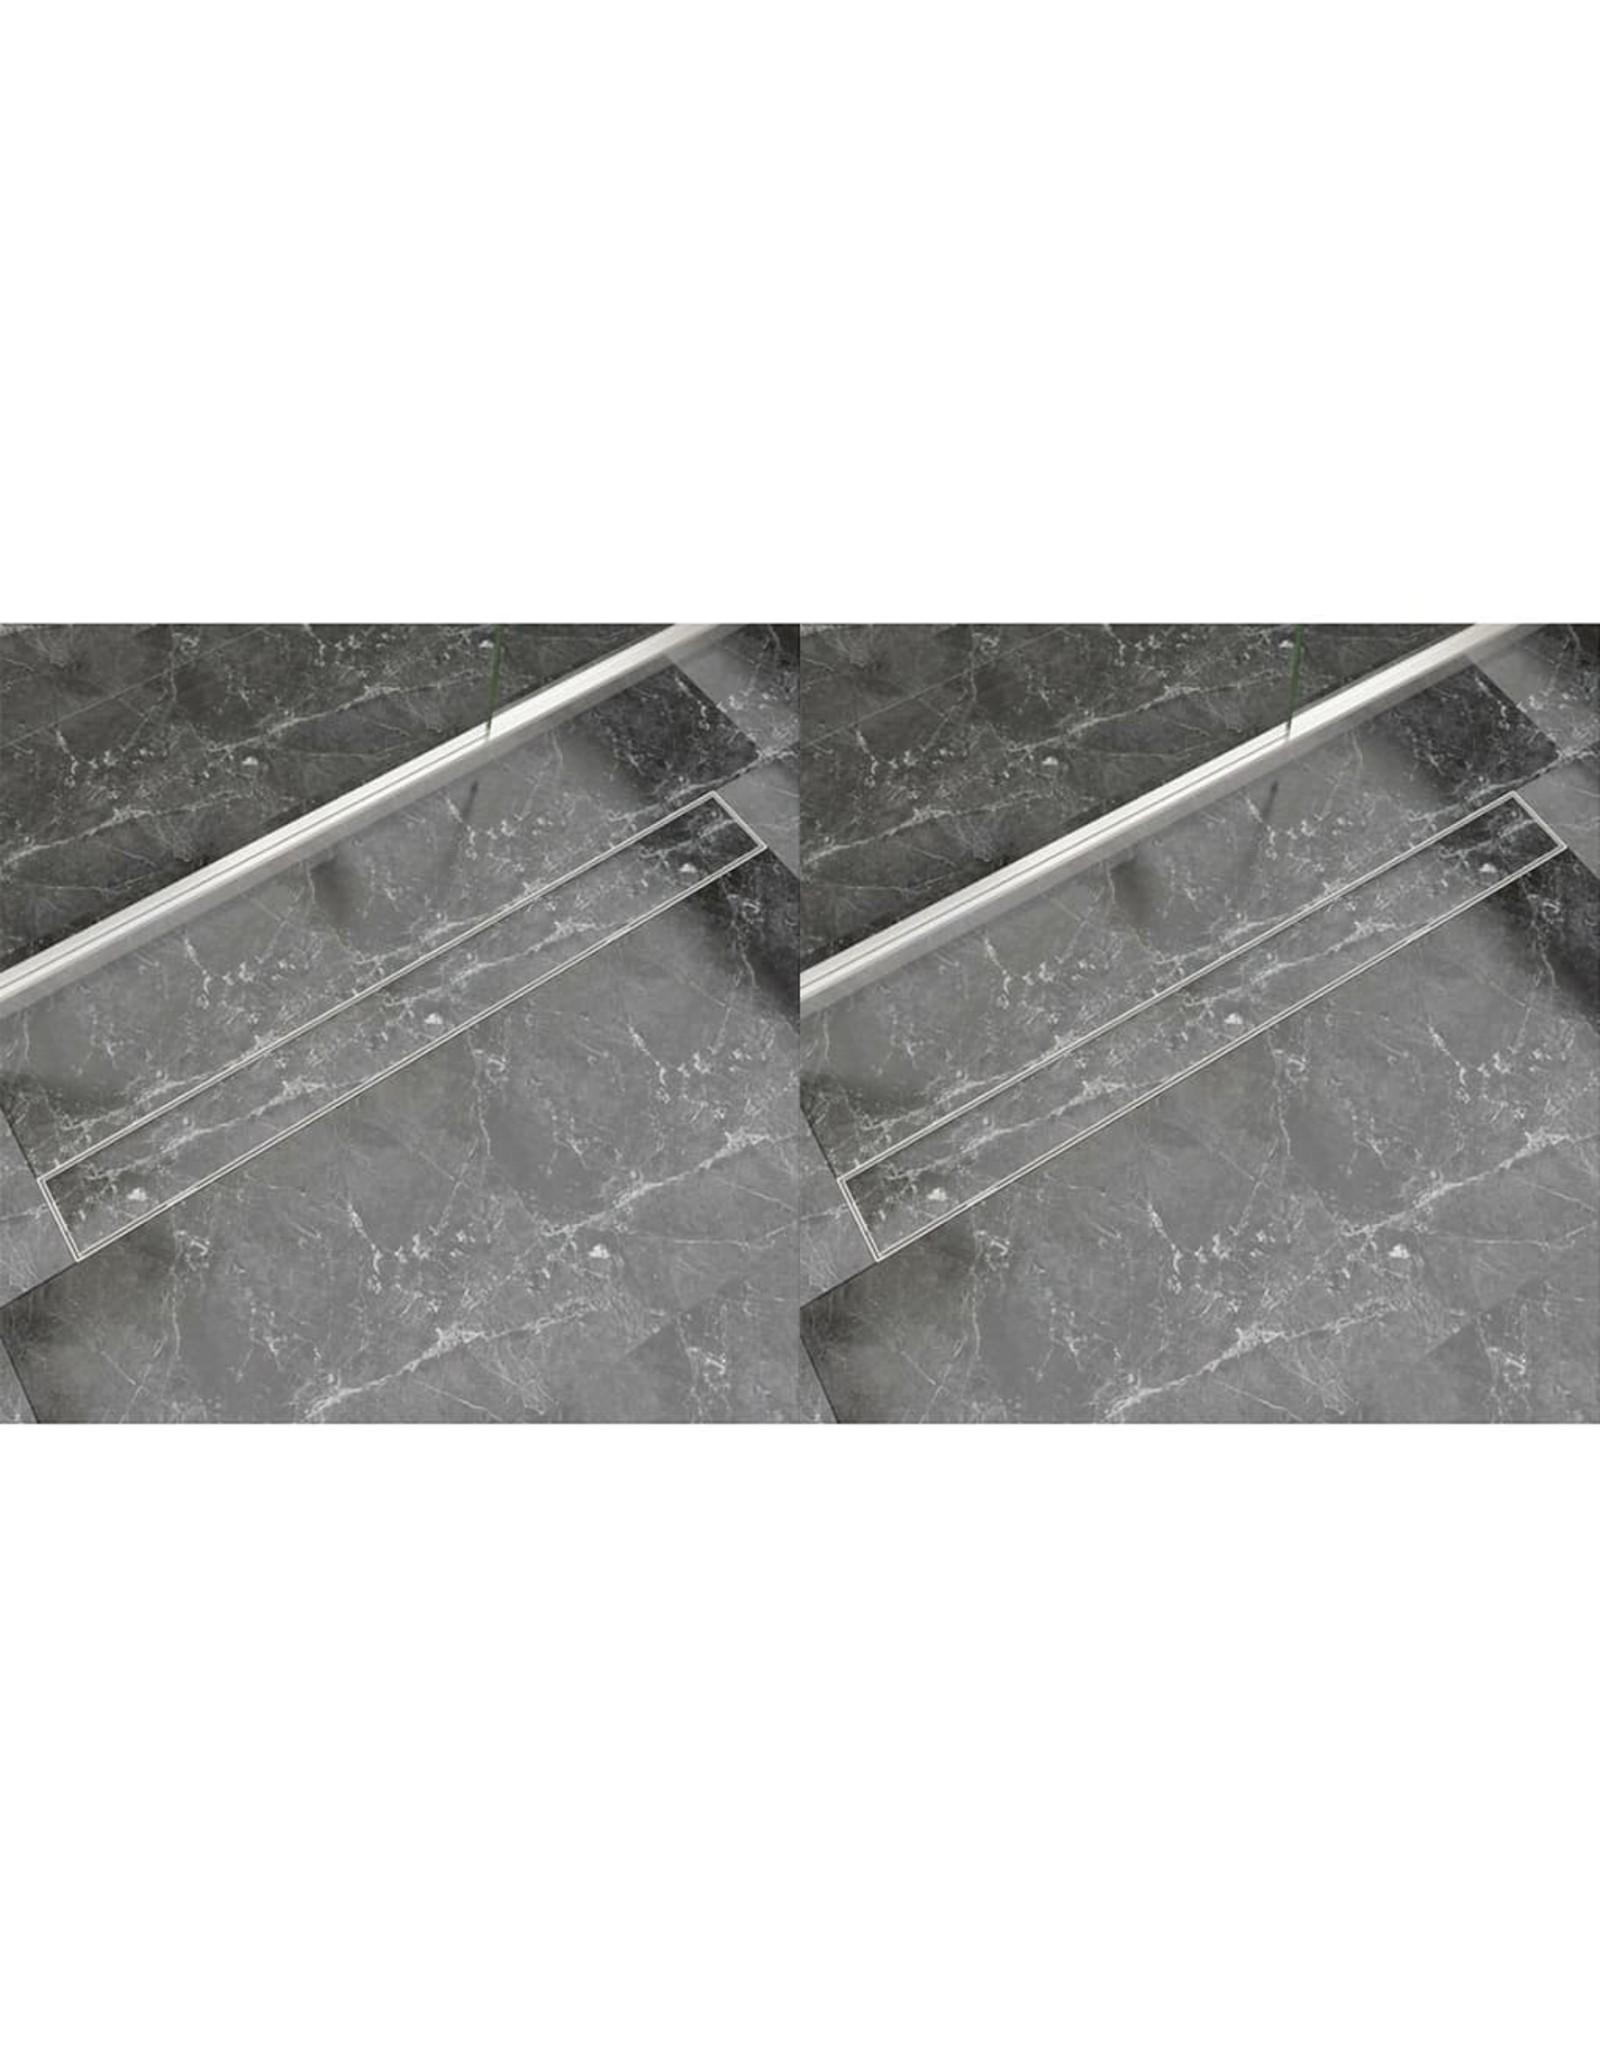 Doucheafvoer 2 st rechthoekig 1030x140 mm roestvrij staal